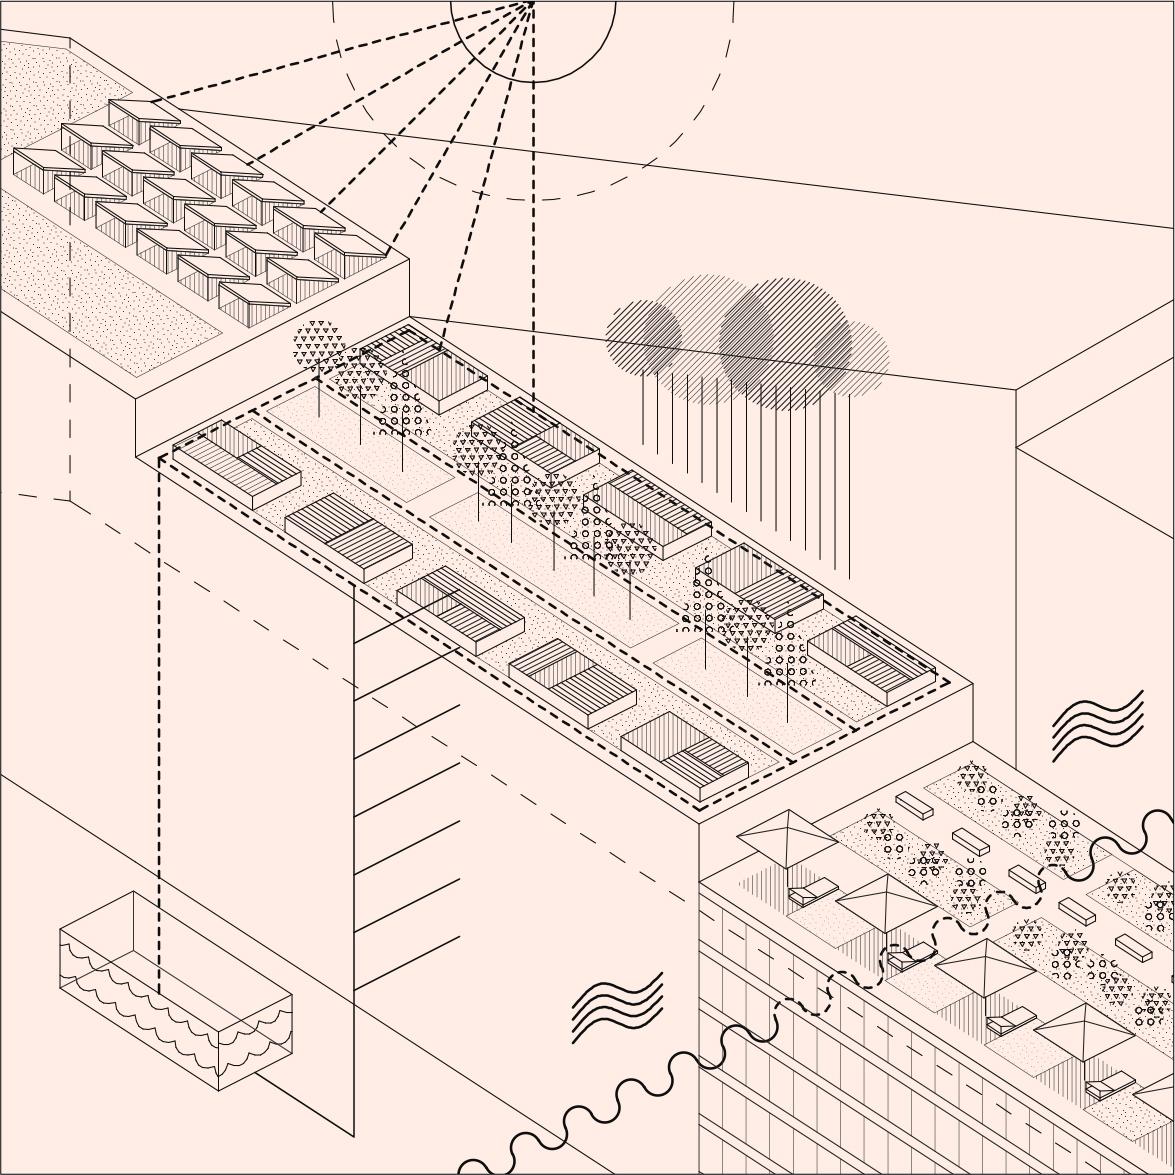 monte pedral projecto urban plan miguel gomes arquitectura